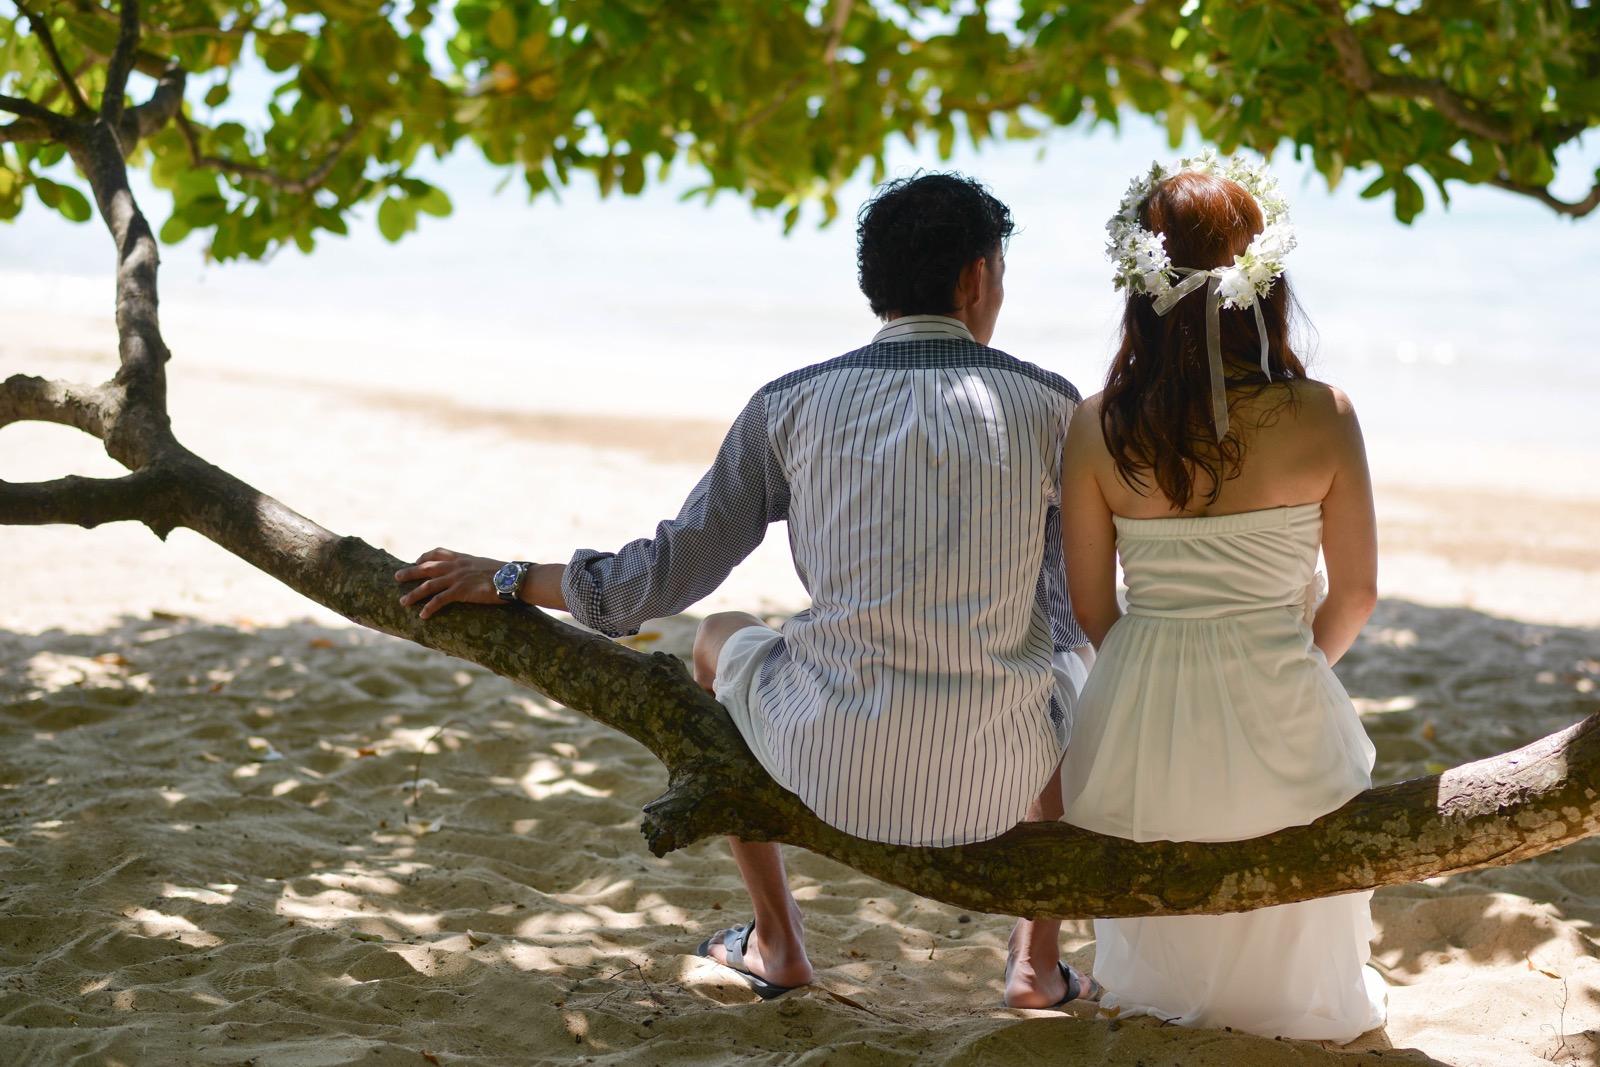 木陰に座って海を眺めるショット